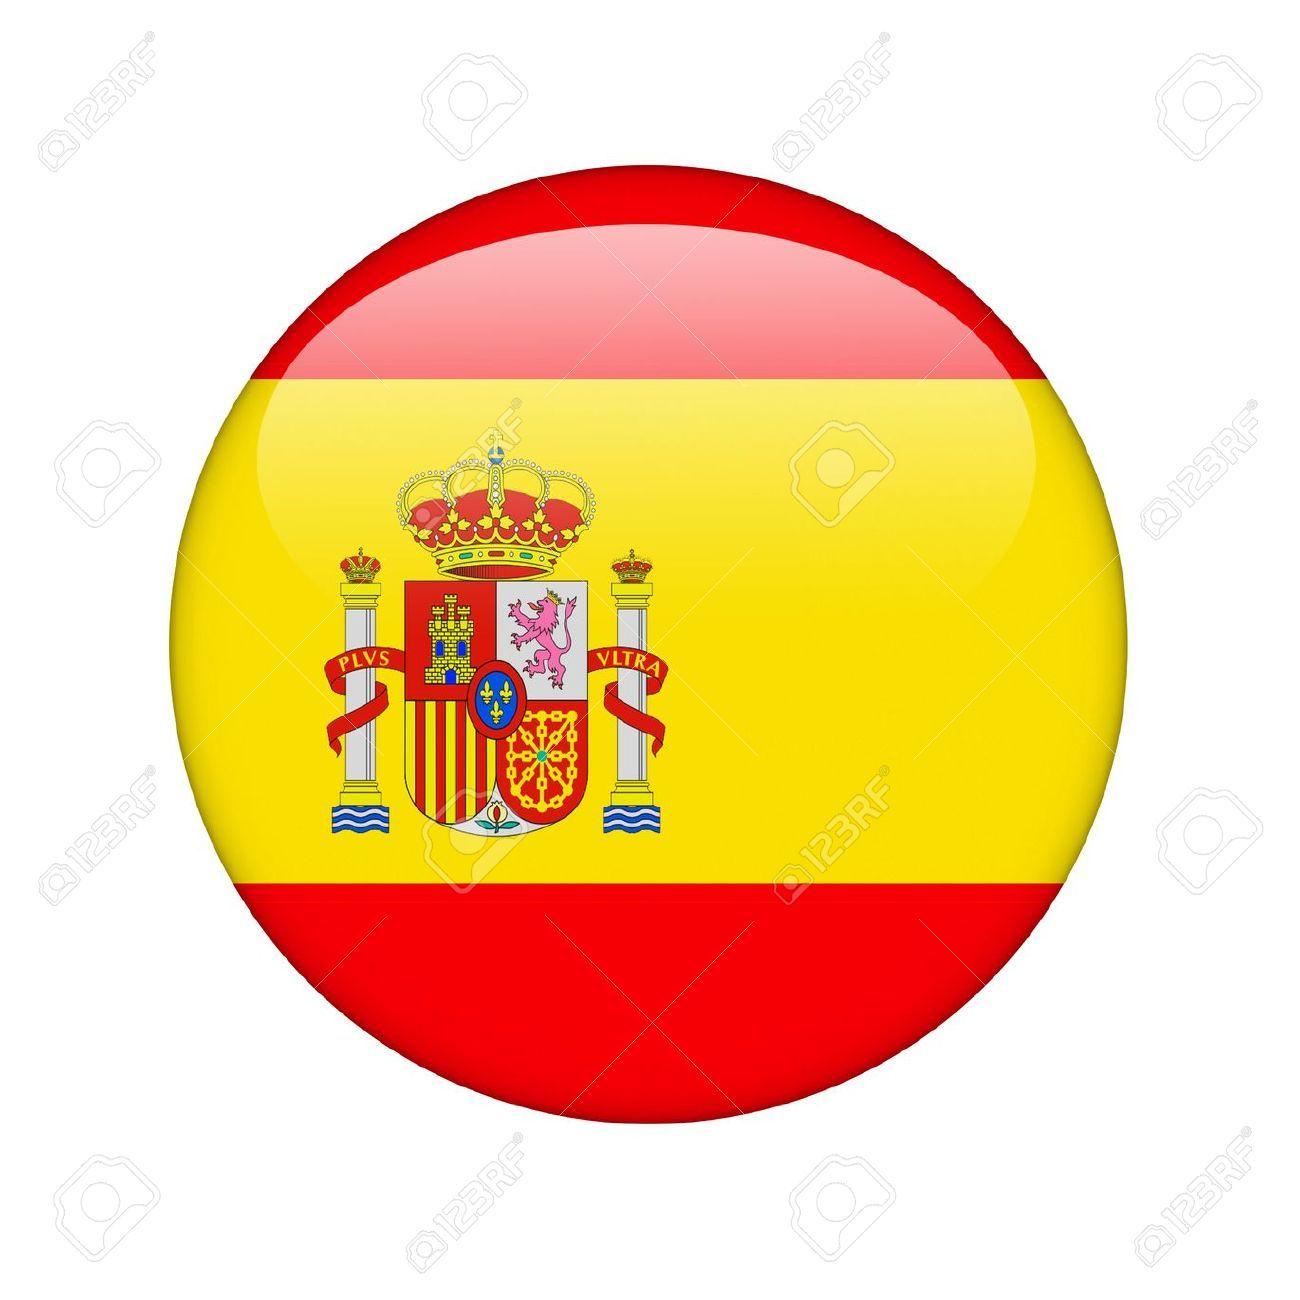 r u00e9sultat de recherche d u0026 39 images pour  u0026quot drapeau espagnol